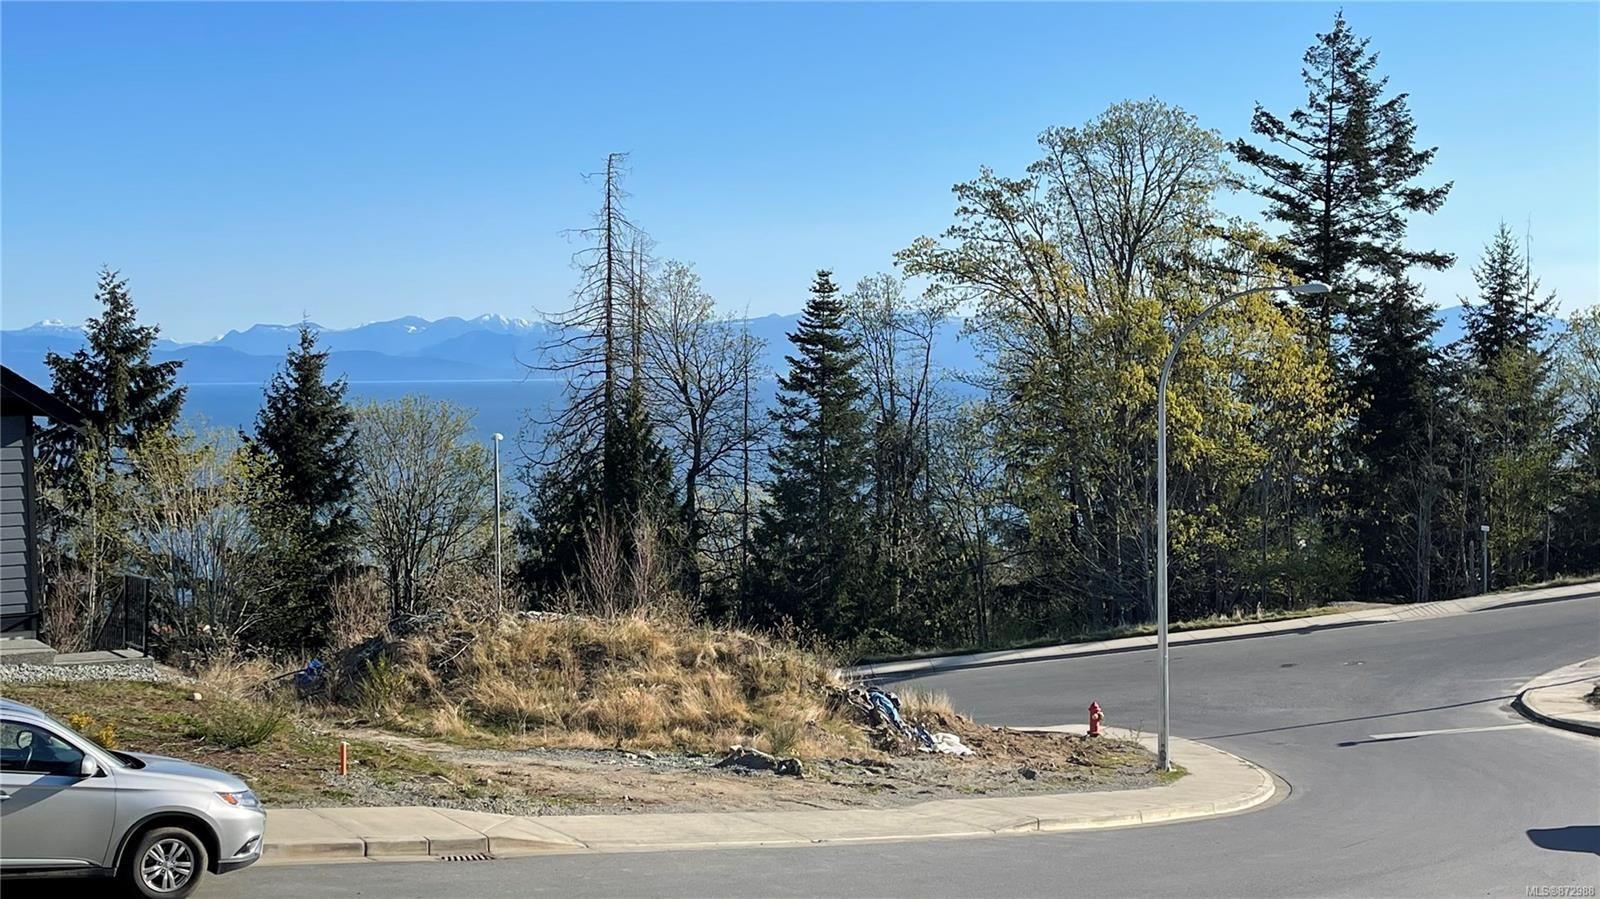 Main Photo: 101 ROYAL PACIFIC Way in : Na North Nanaimo Land for sale (Nanaimo)  : MLS®# 872988